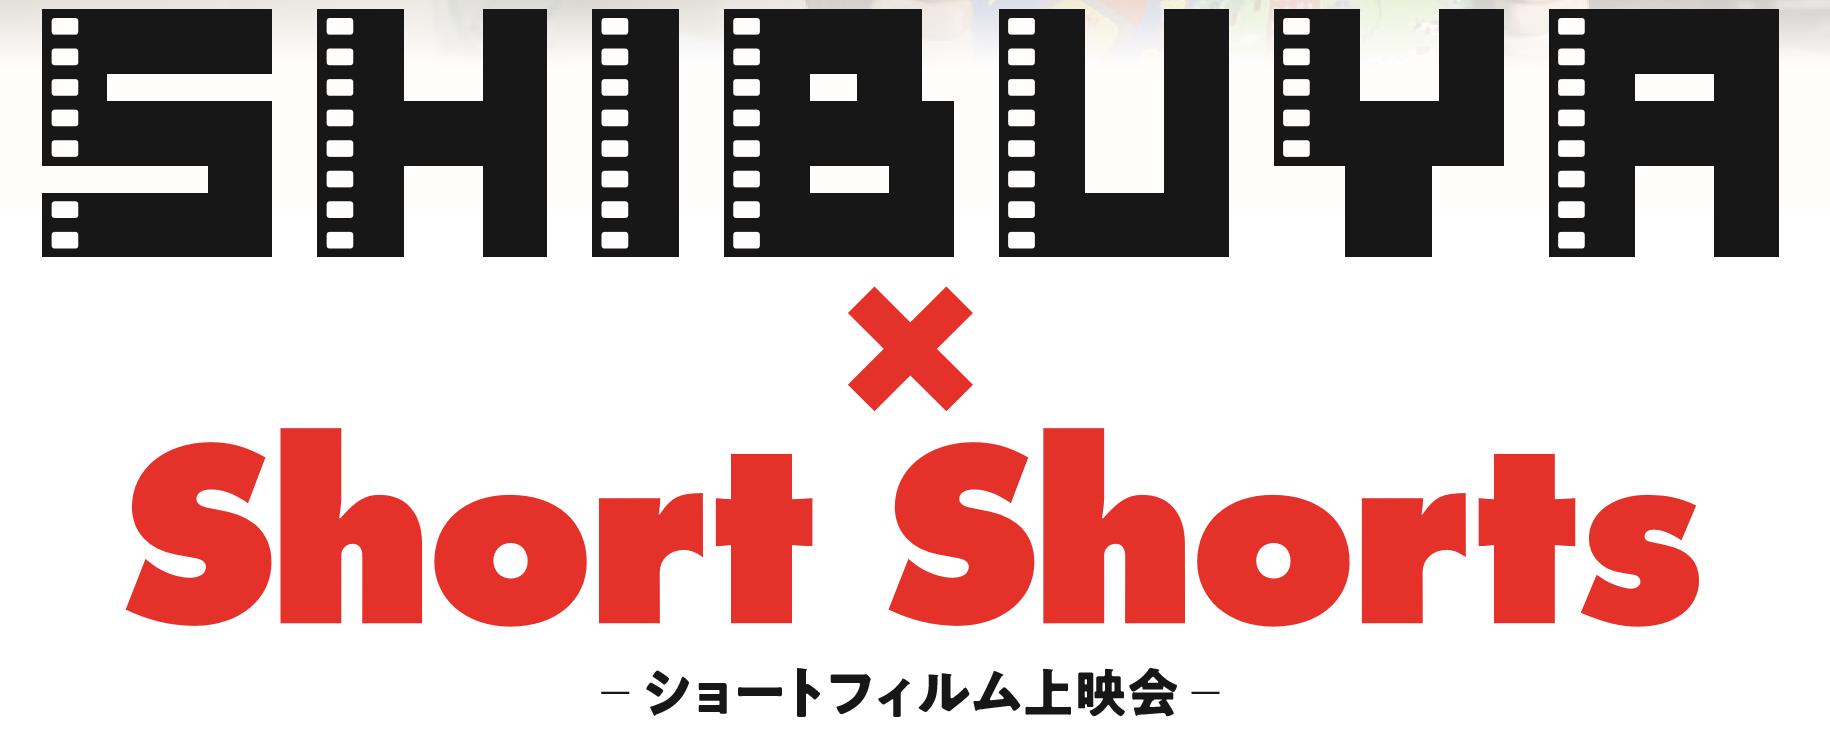 【シブストシネマ】21時。渋谷の路上が映画館になる。2月15日までの上映作品